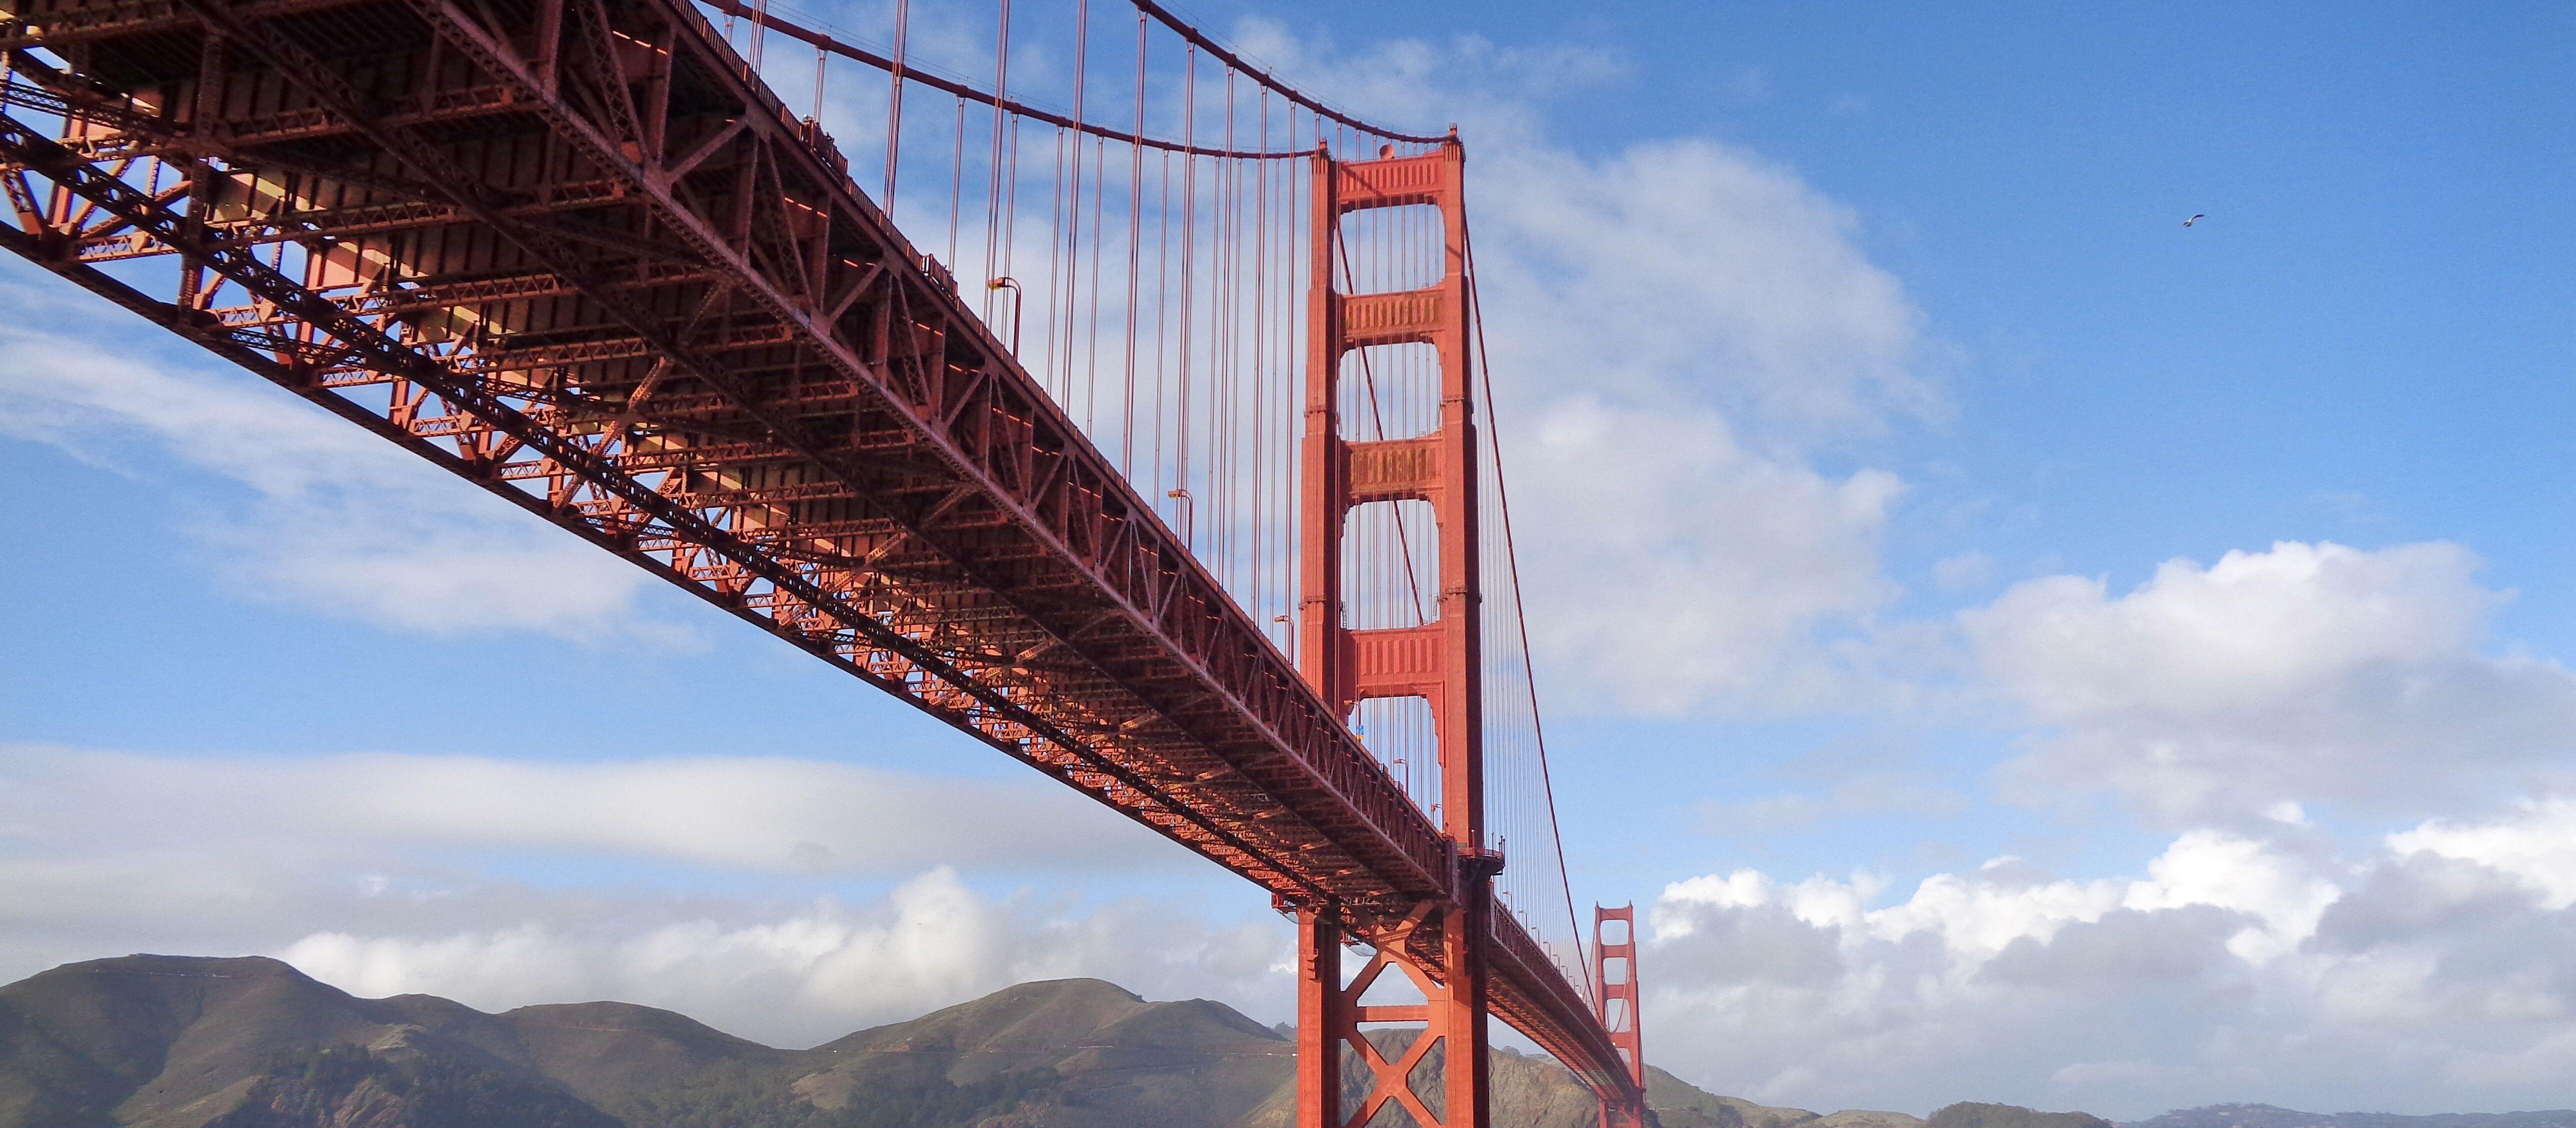 Die Golden Gate Bridge in San Francisco